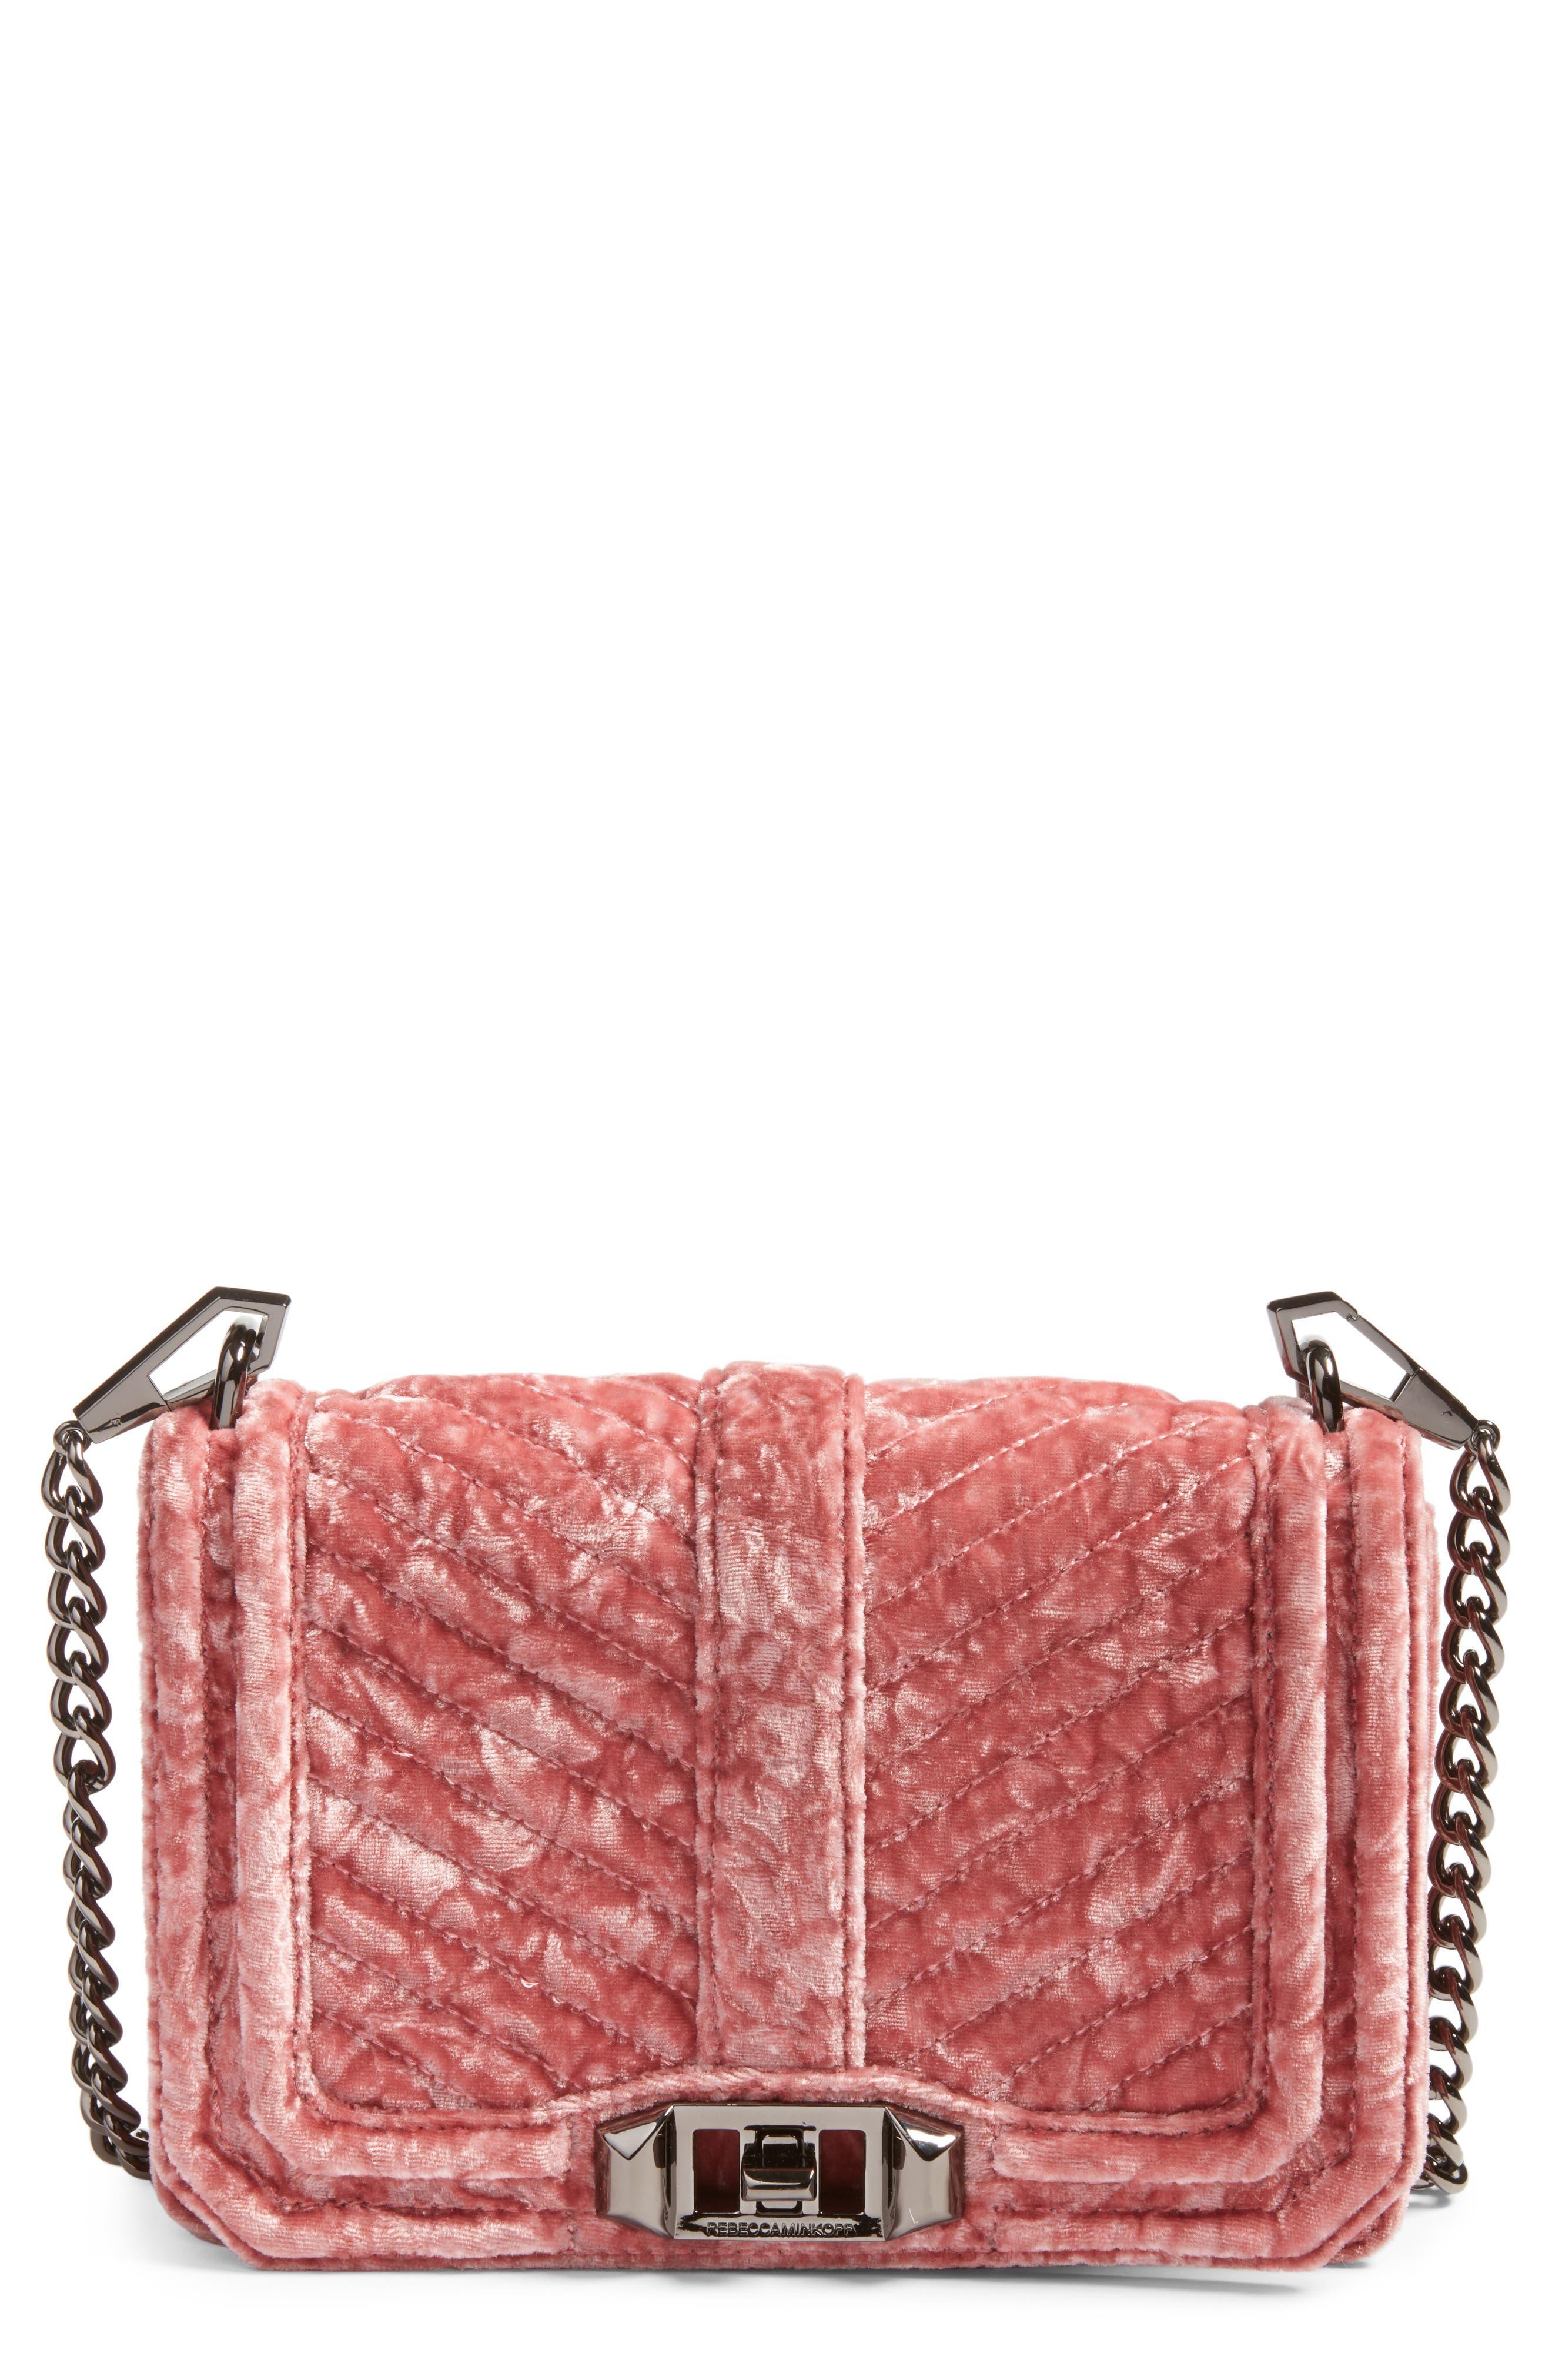 REBECCA MINKOFF, Small Love Velvet Crossbody Bag, Main thumbnail 1, color, 680